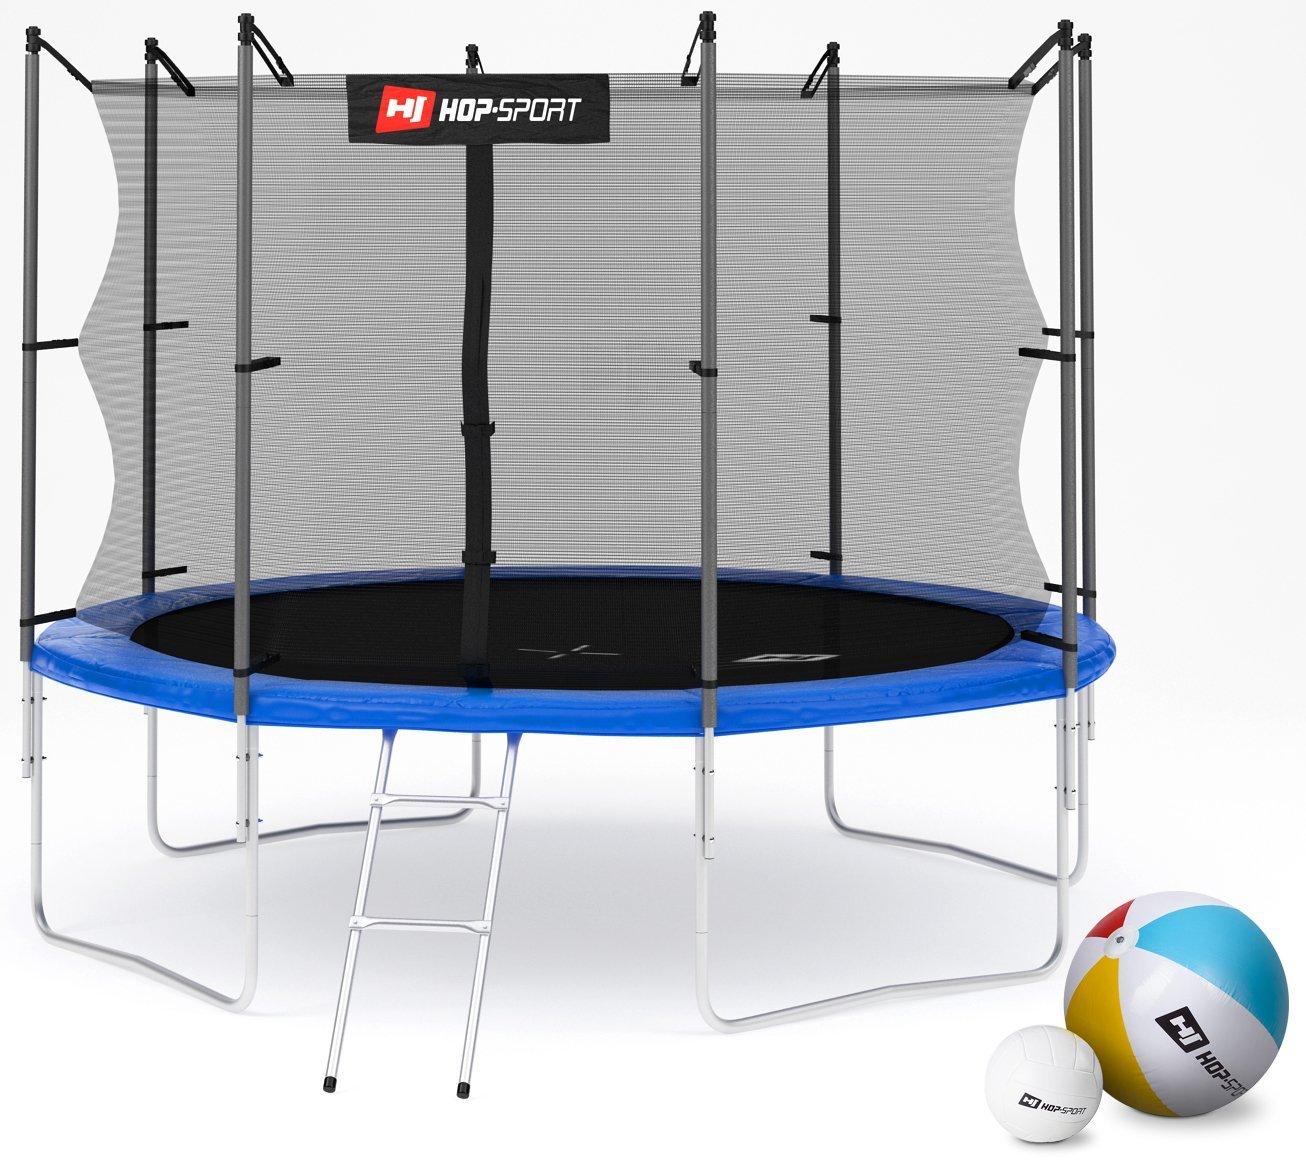 hop sport gartentrampolin mit 244 305 366 430 490 cm im check. Black Bedroom Furniture Sets. Home Design Ideas